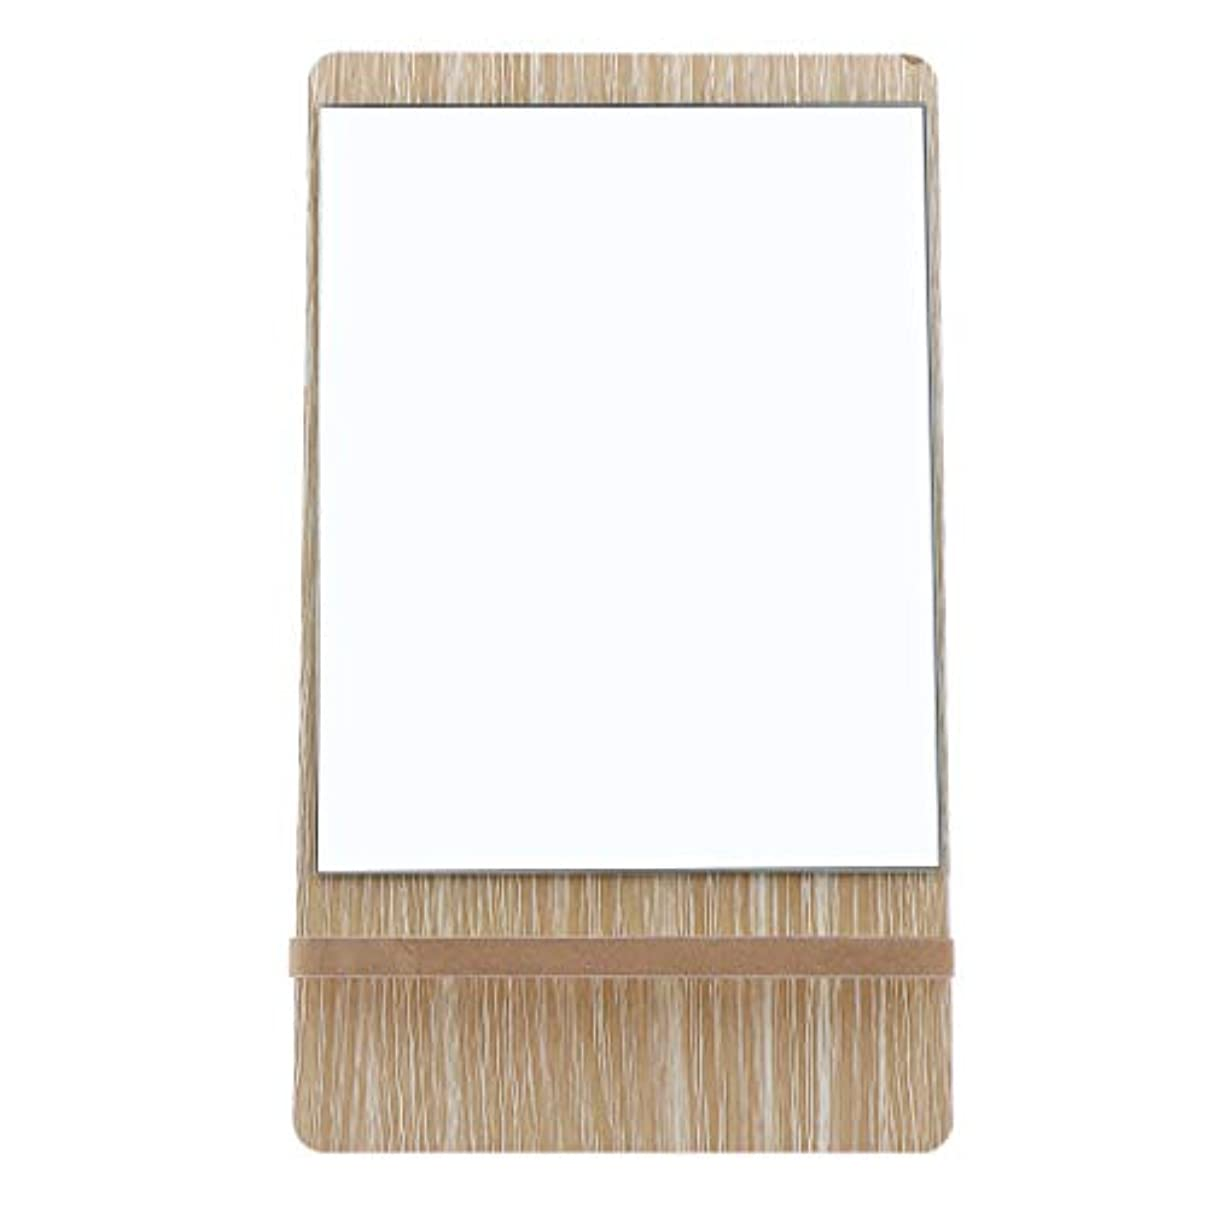 現象試みる記憶に残る鏡 卓上 スタンド 化粧鏡 メイクミラー 折りたたみ バニティミラー 3サイズ選べ - 大